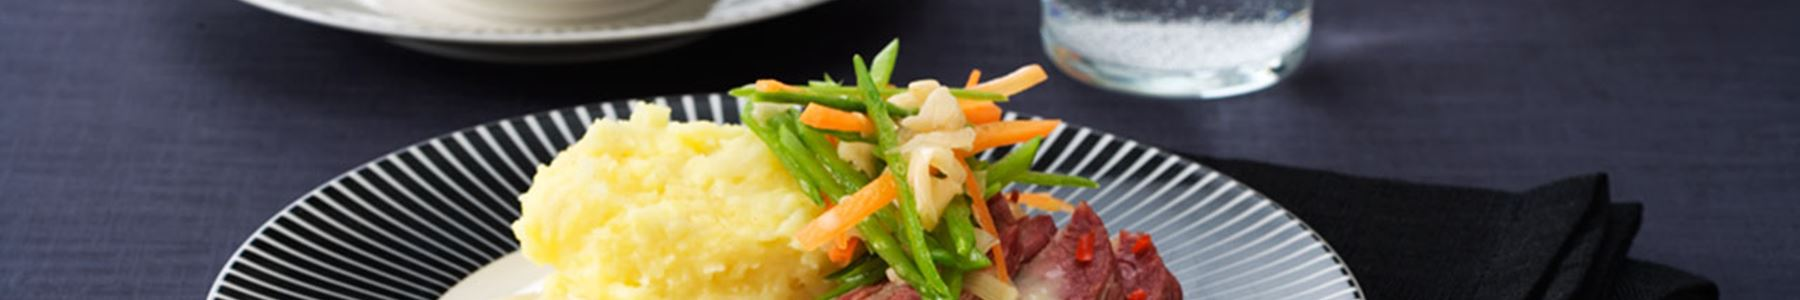 Bönor + Potatis + Mos